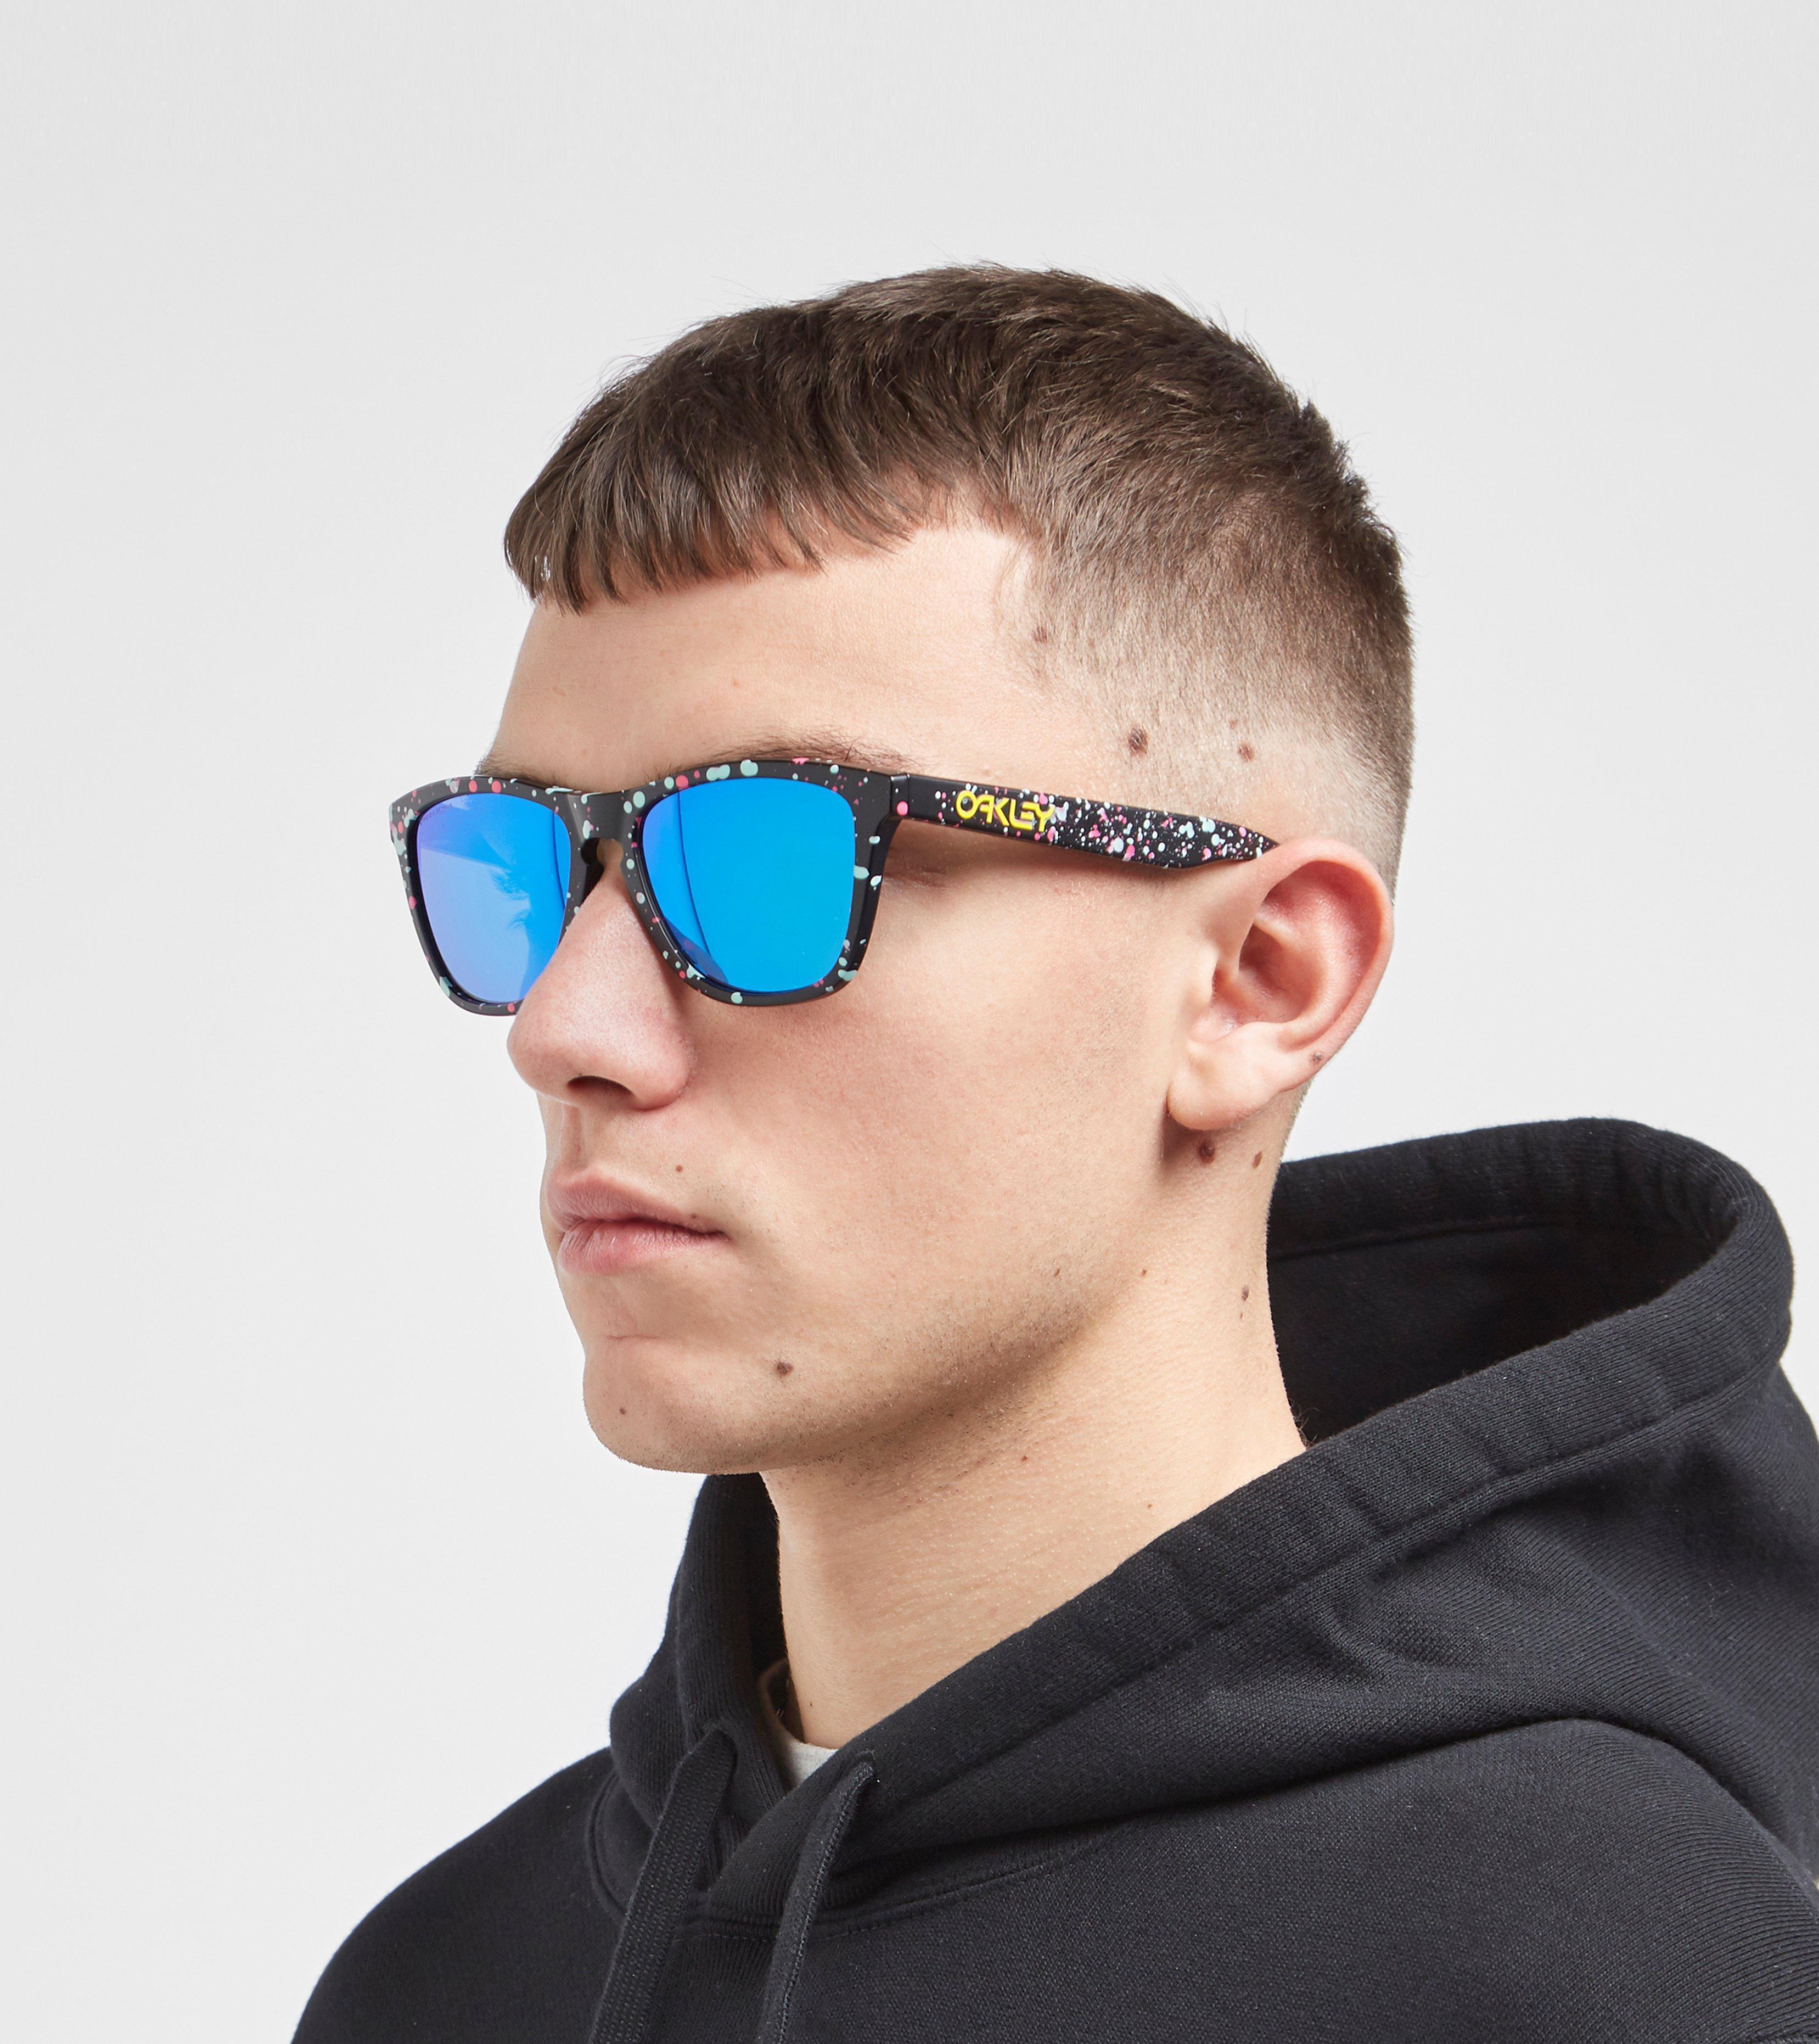 e204ff2af6 Oakley Frogskins Splatterfade Collection Sunglasses in Black for Men ...